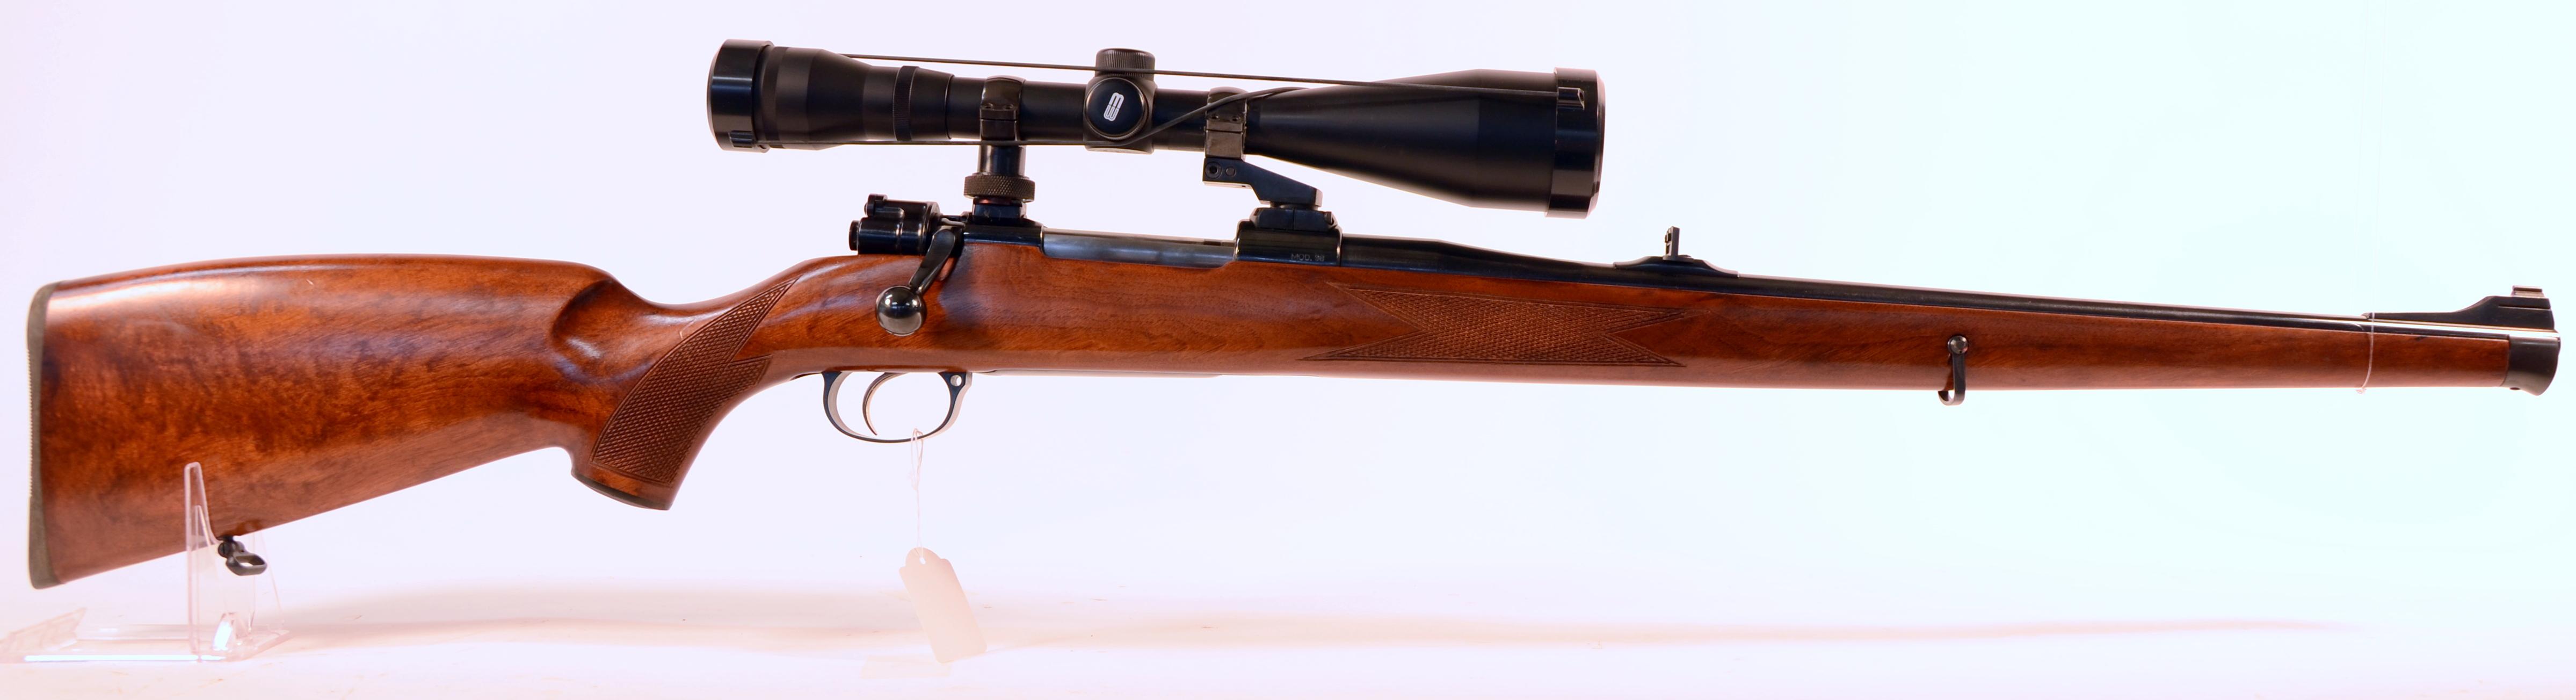 Cнайперская винтовка св-98 за свою почти двухсотлетнюю историю оружейники ижевского оружейного завода